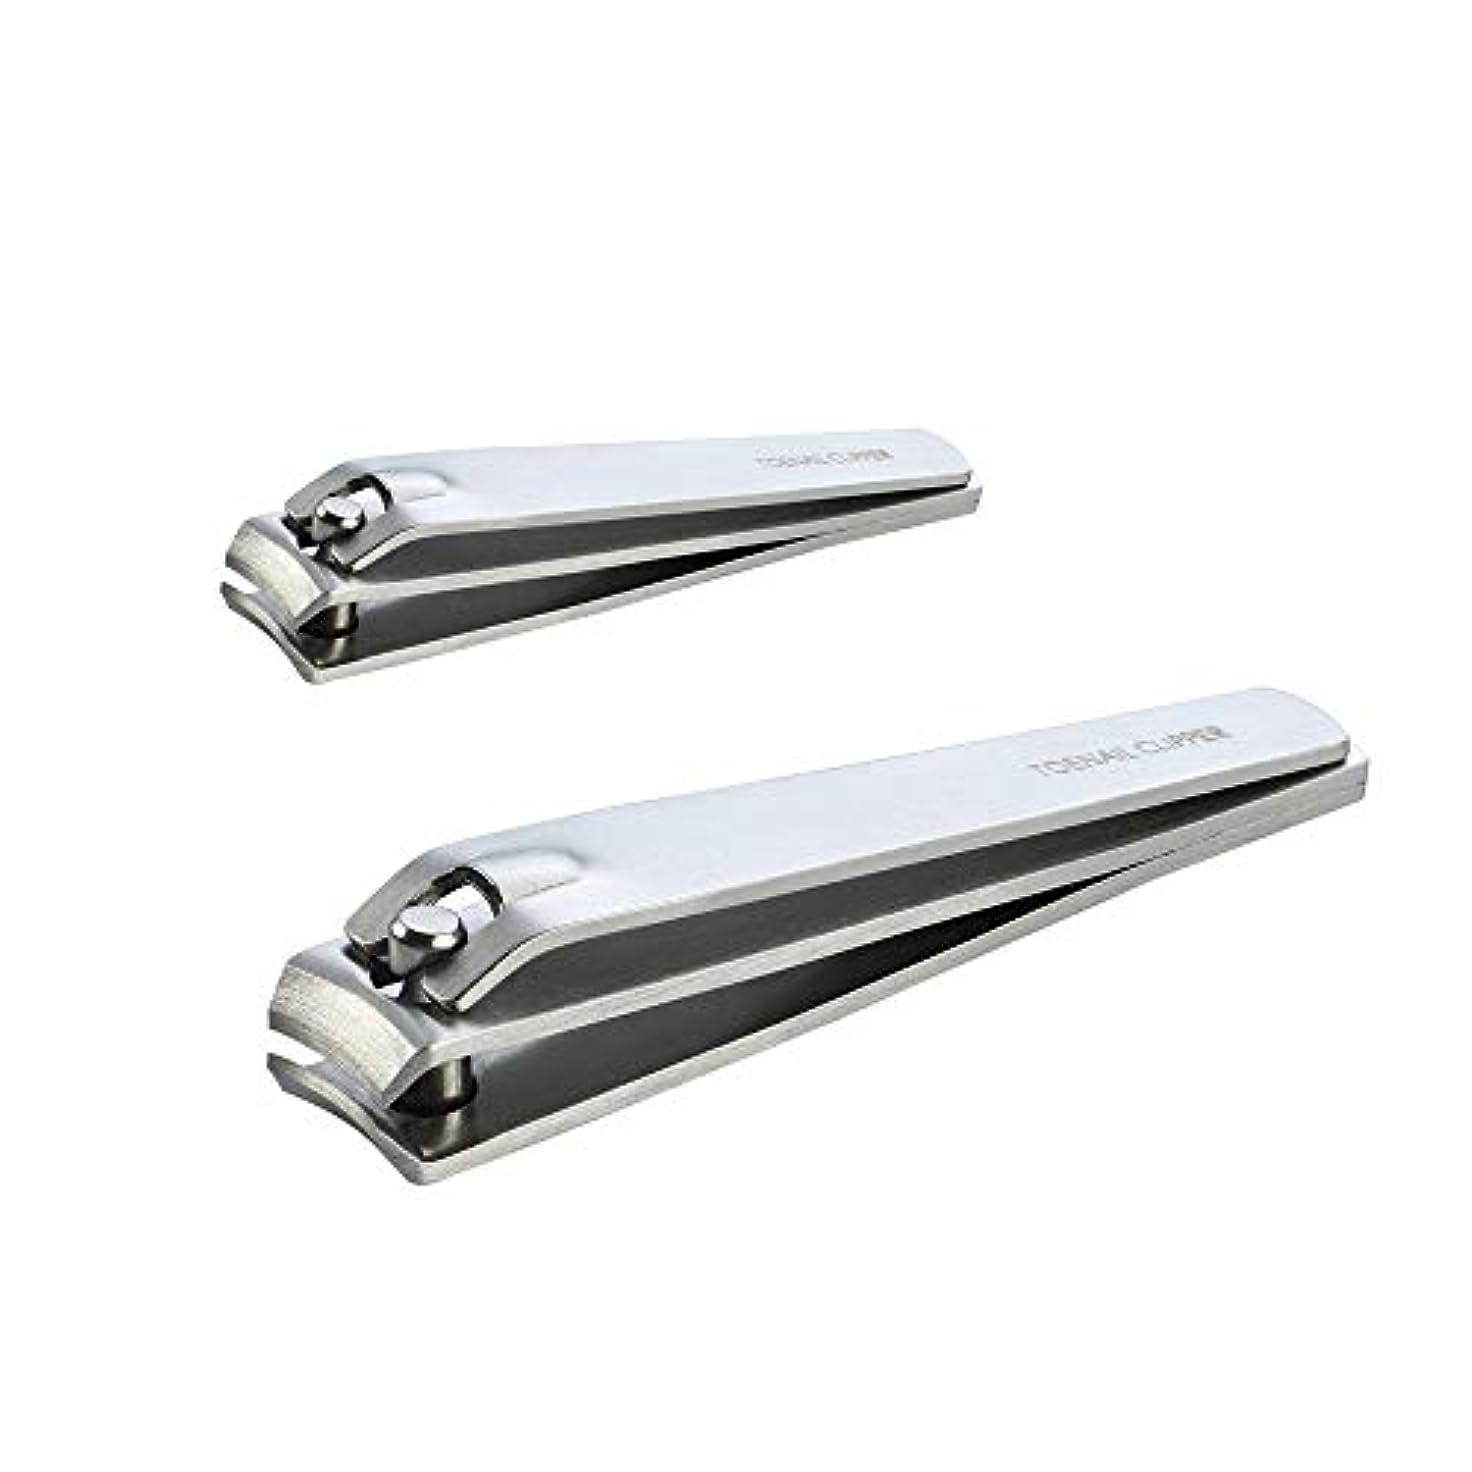 について擬人職業SurgeHai 爪切りデラックスネイルクリッパーセット、ステンレス鋼ネイルクリーナーカーブフィンガーネイル&トゥネイルクリッパーズ2個セット